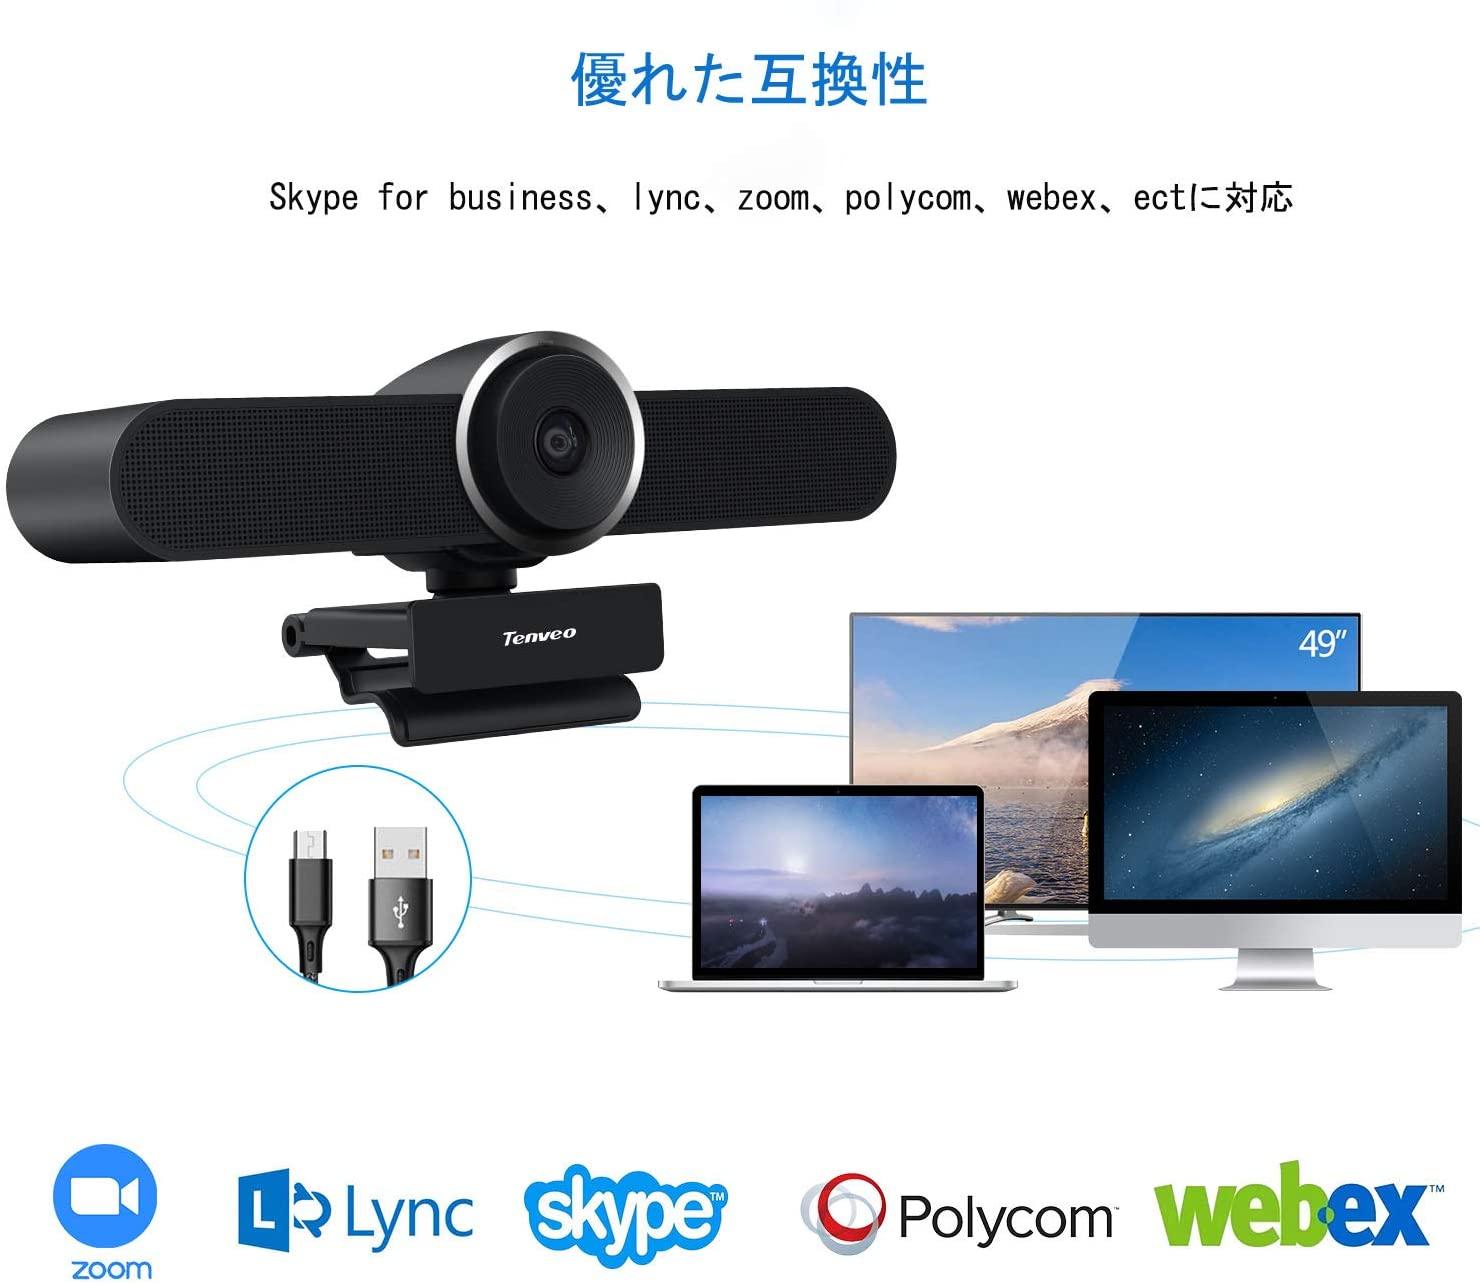 Tenveo TEVO-VA200PRO マイク・スピーカー一体型USBカメラ ウェブカメラ WEBカメラ USBウェブカメラ オールインワンウェブカメラ マイク・スピーカー付き フルHD 1080p